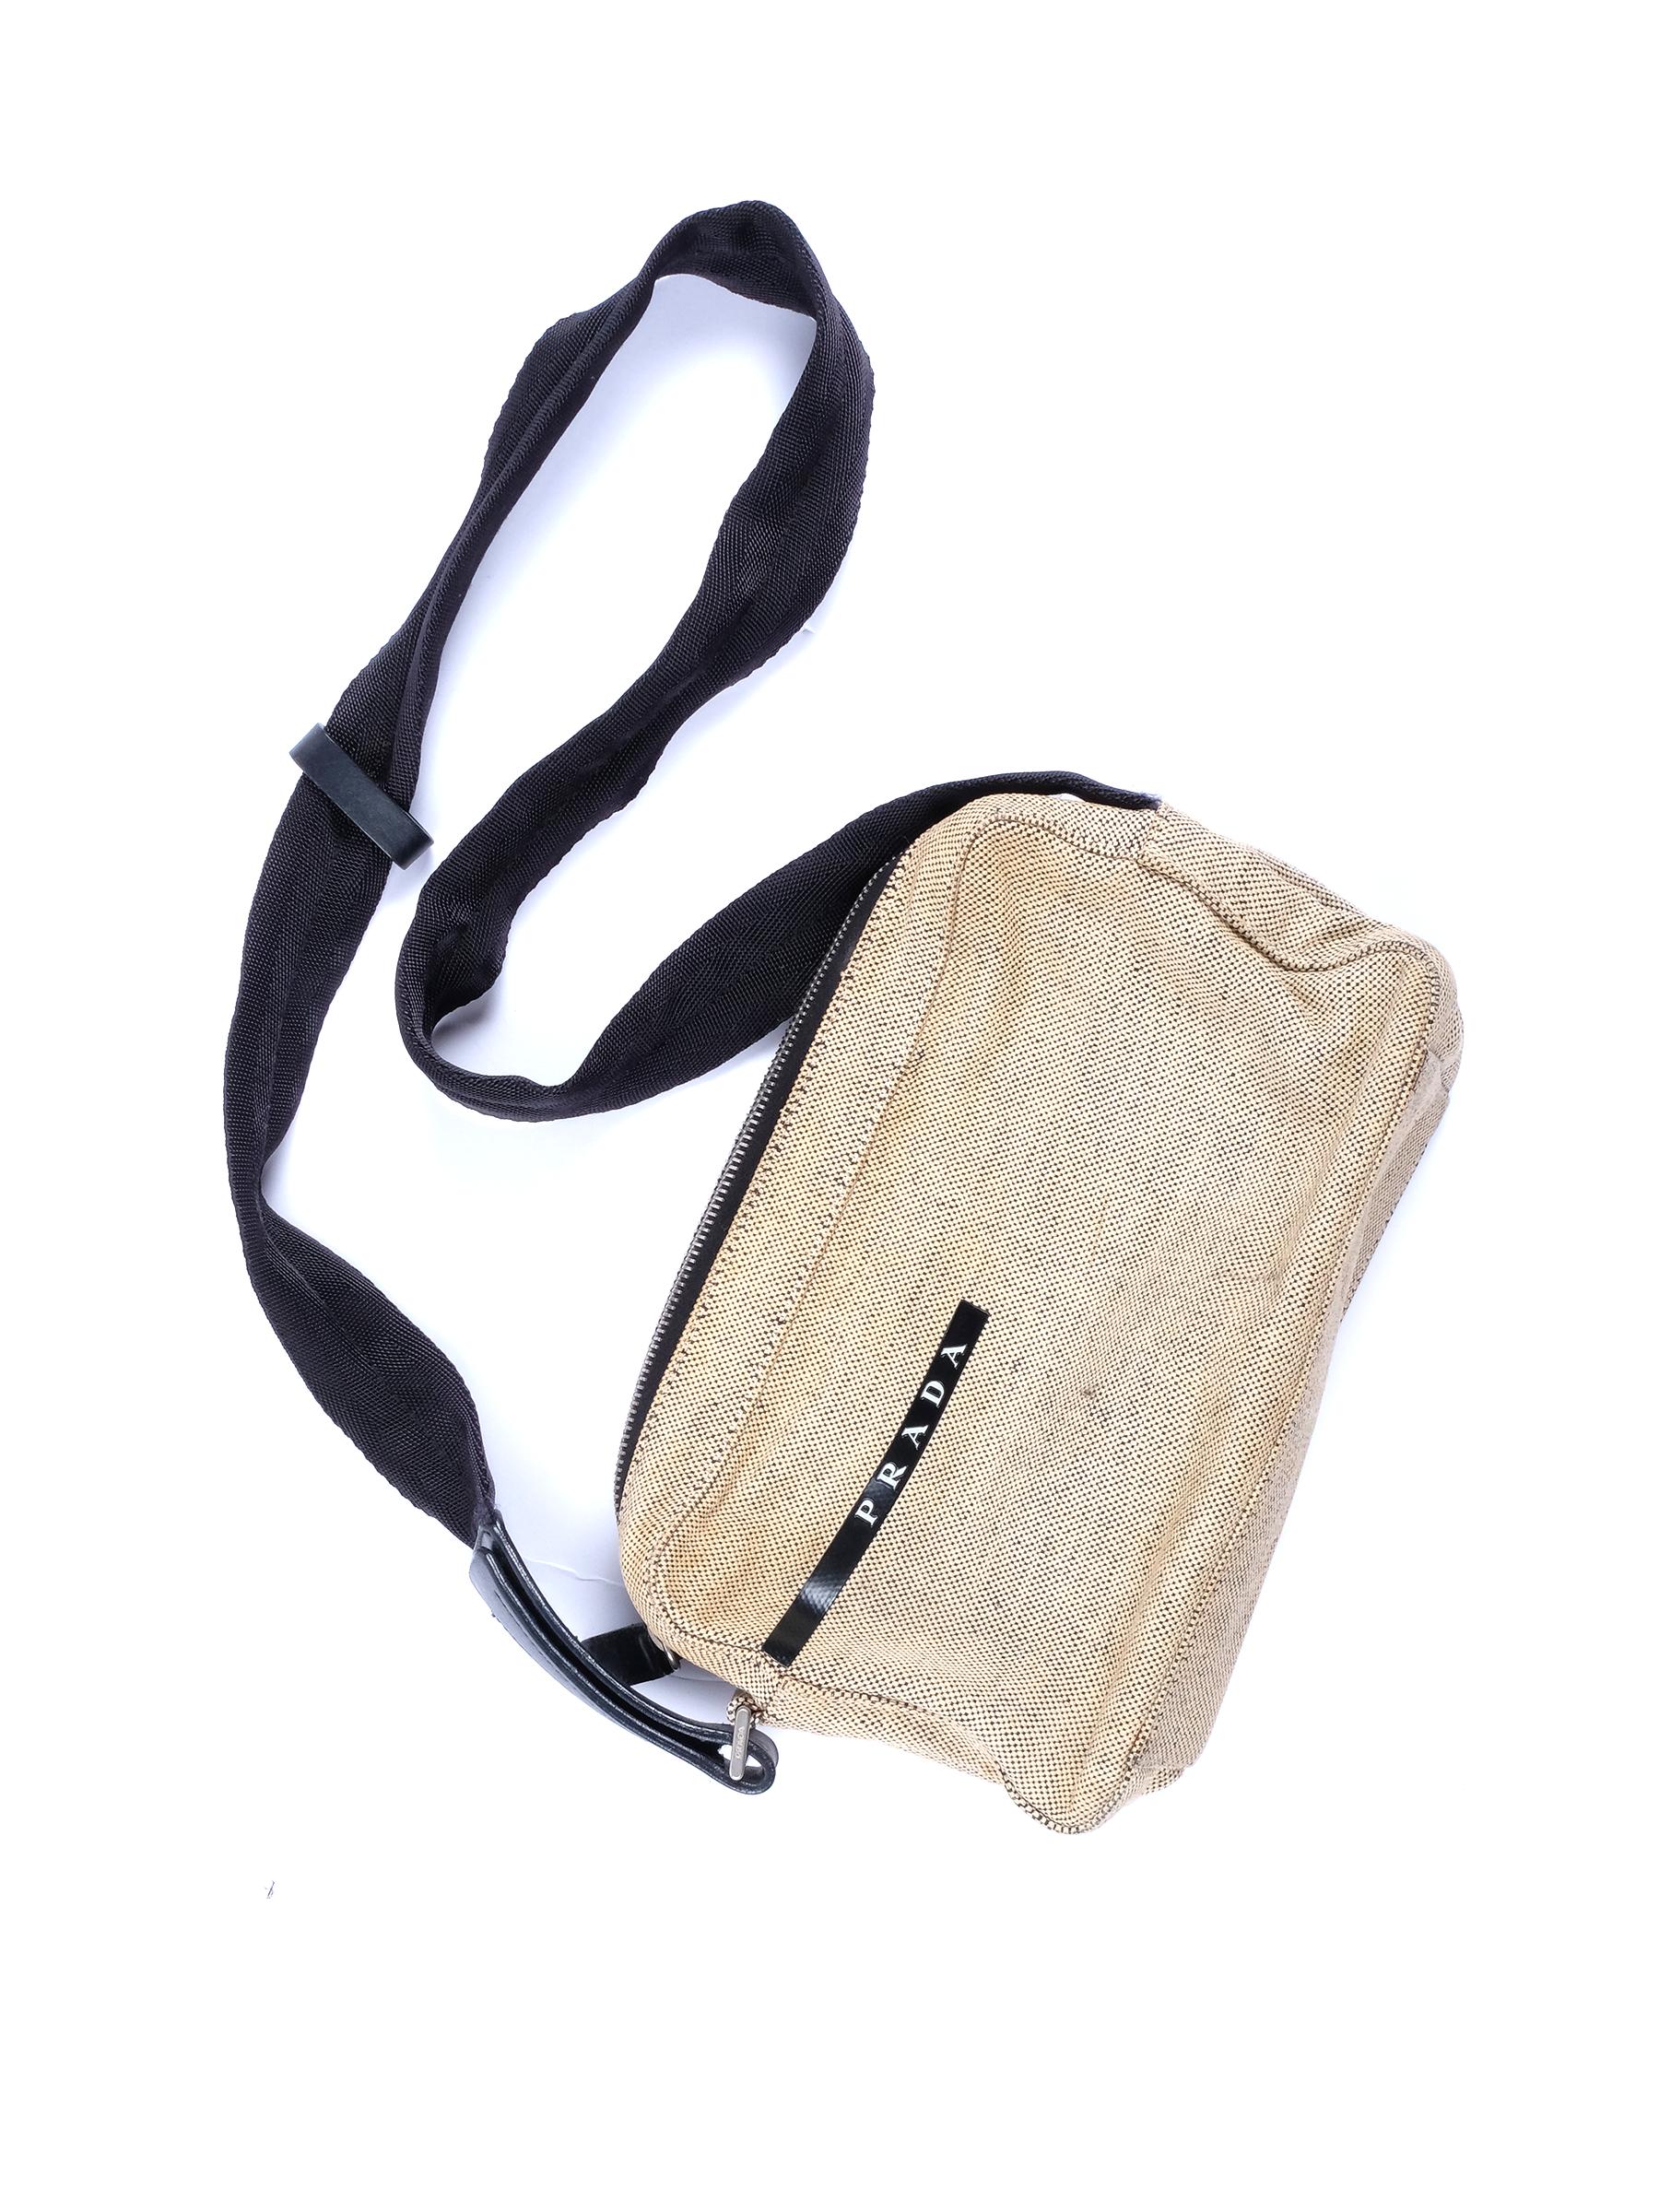 cdf7e823a08f Prada SS 99 Prada Sport Shoulder bag Size one size - Bags & Luggage ...